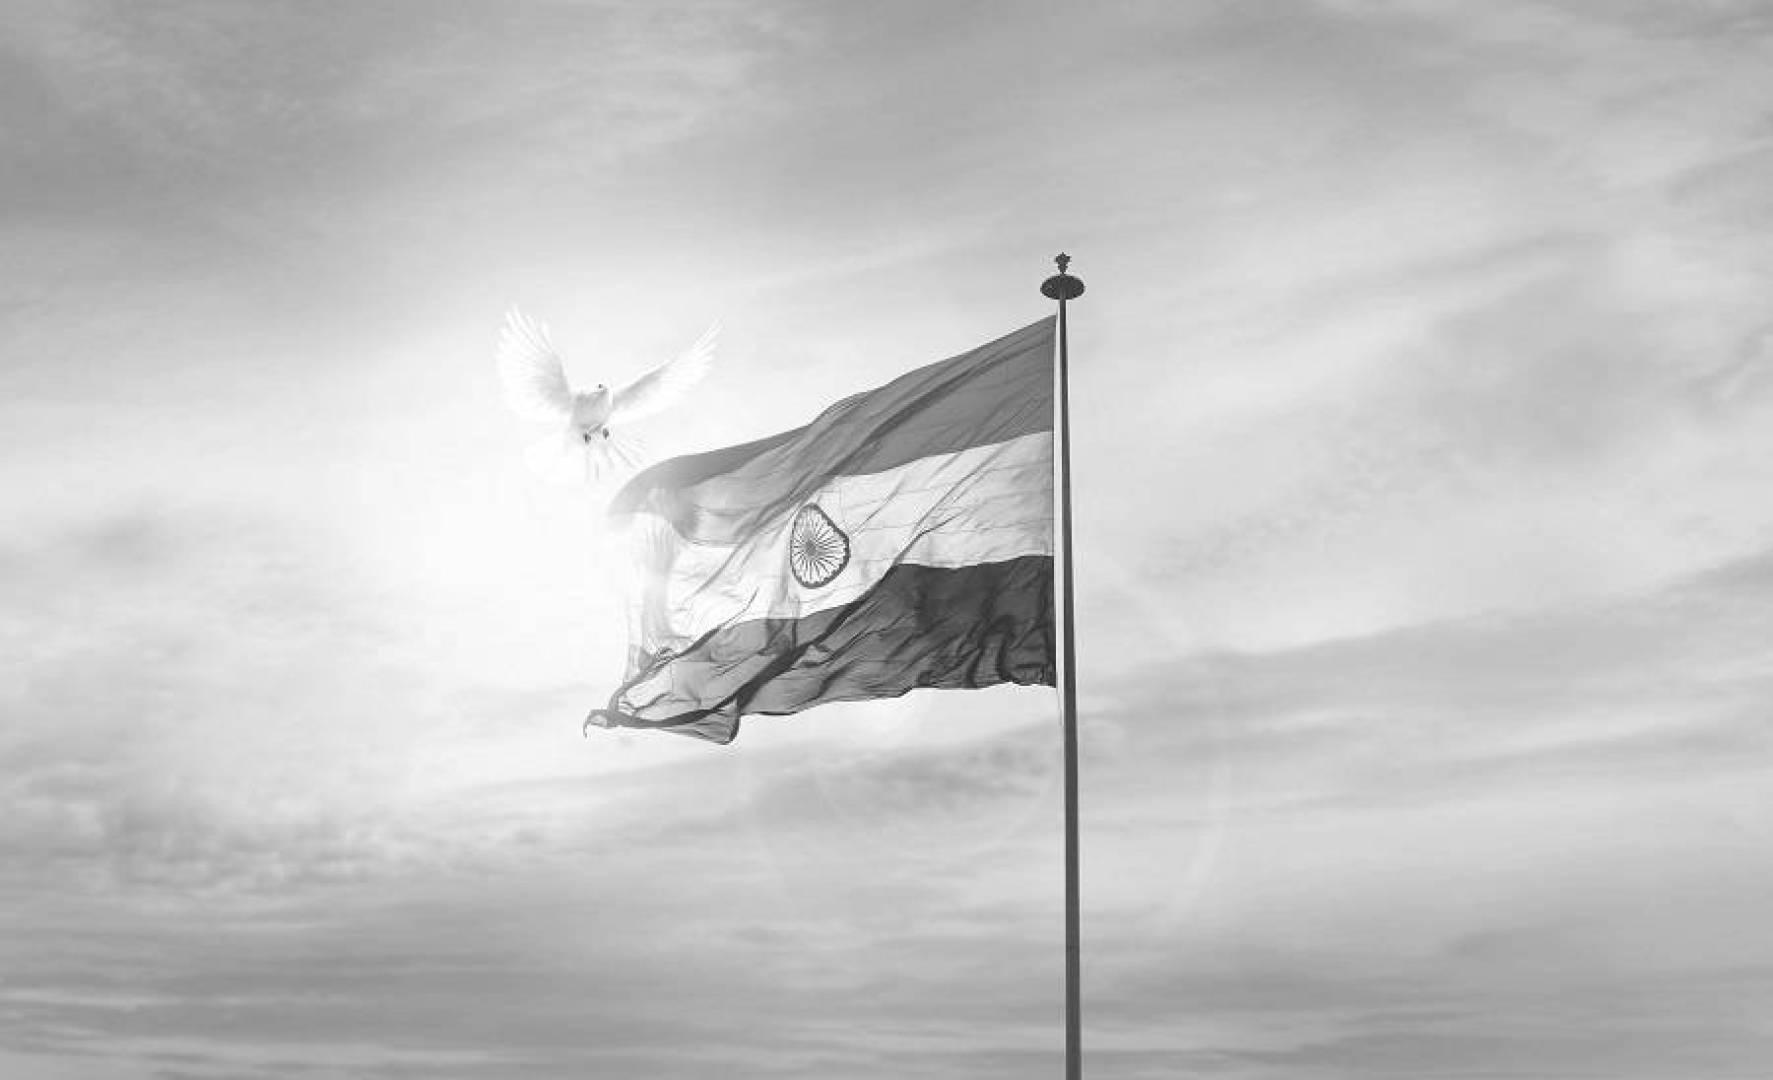 لماذا رفضت الهند رسمياً تكوين الكتلة التجارية الأكبر في العالم؟